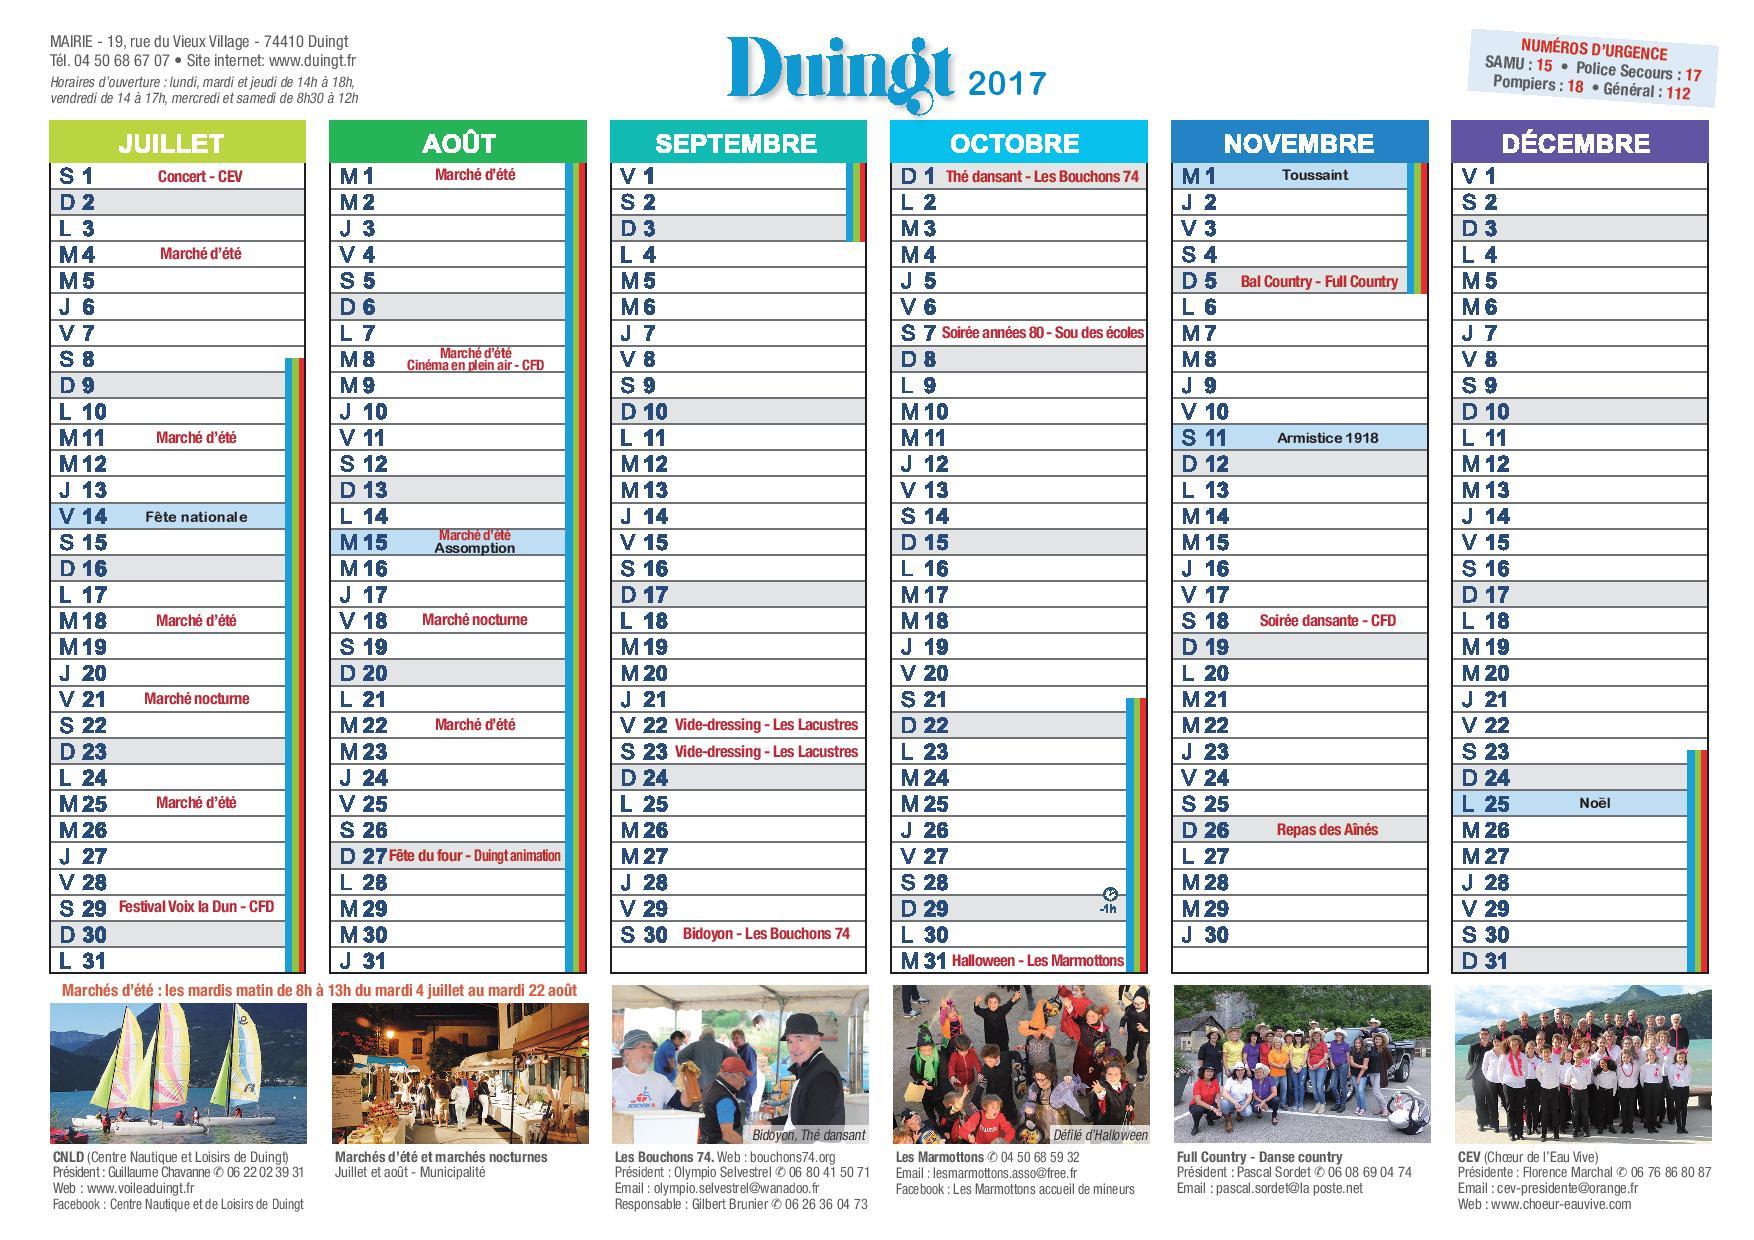 Calendrier 2017 du comit des f tes de duingt bouchons 74 - Calendrier du jardinier 2017 ...